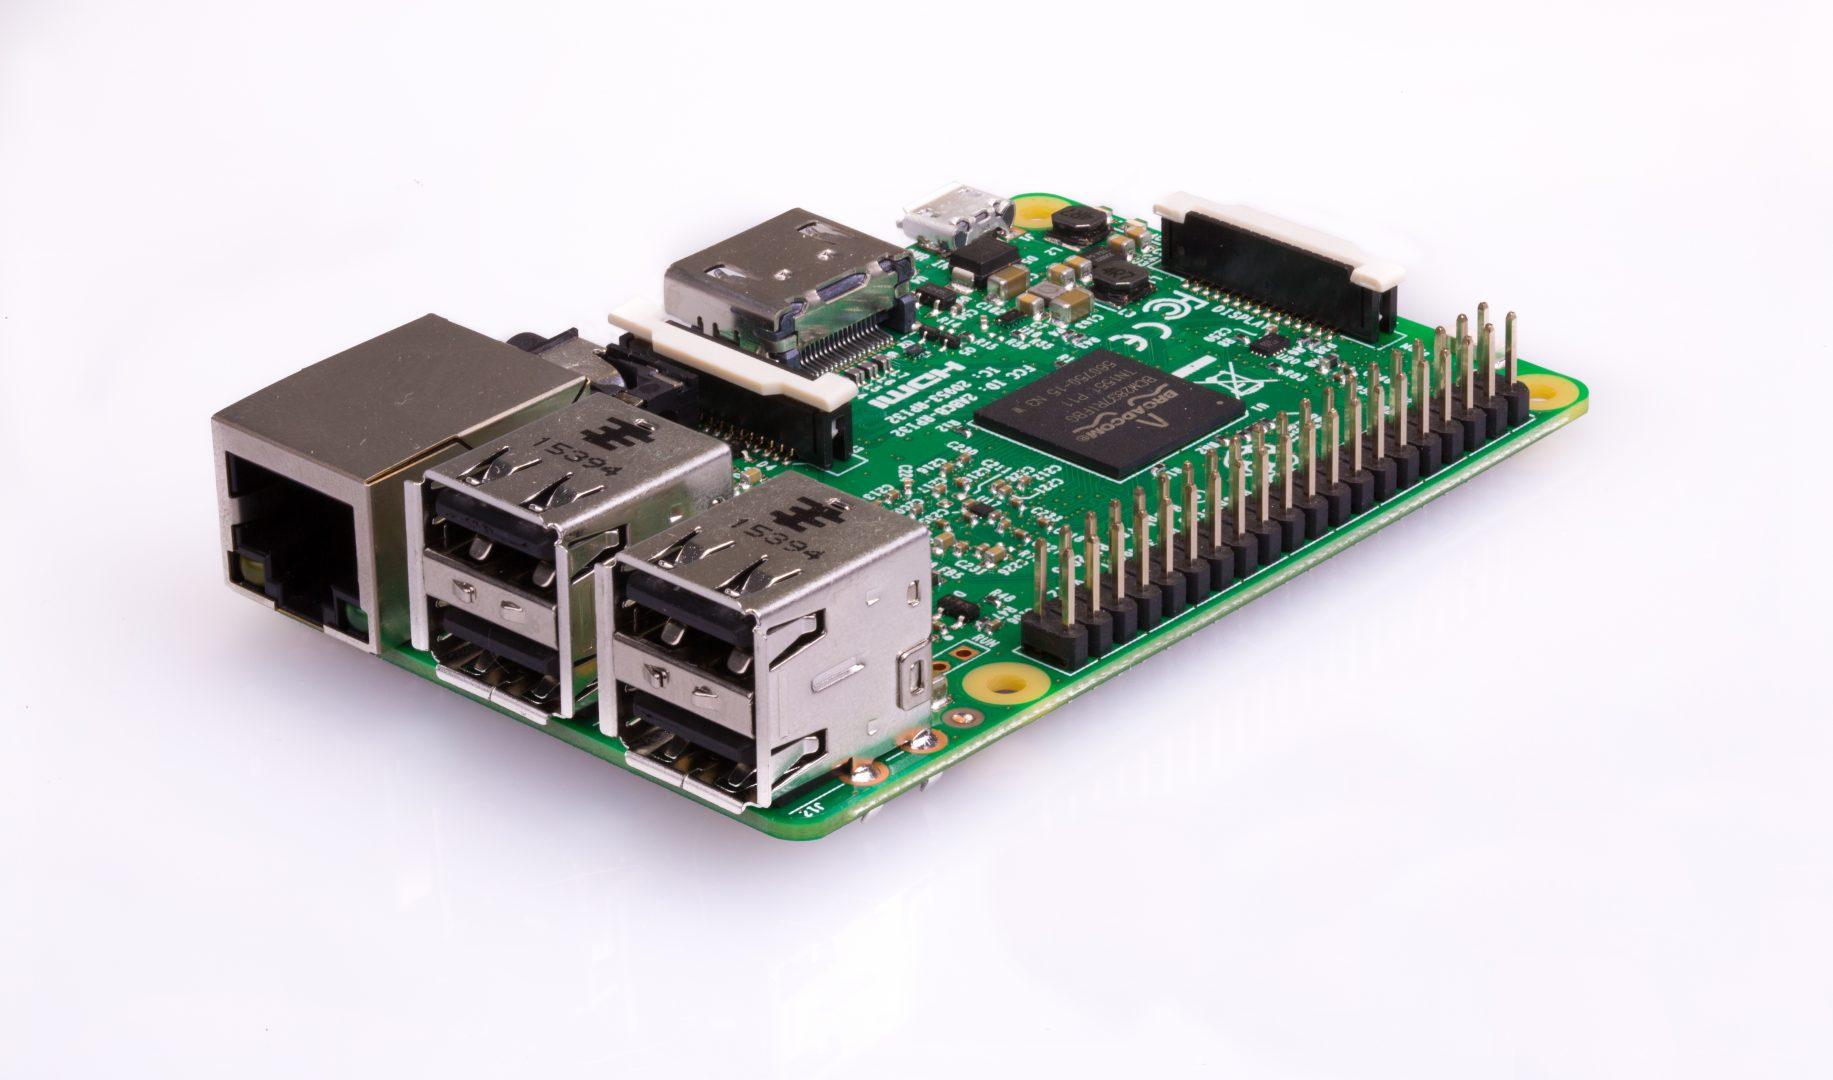 Montage de l'écran tactile 7 pouces officiel du Raspberry Pi